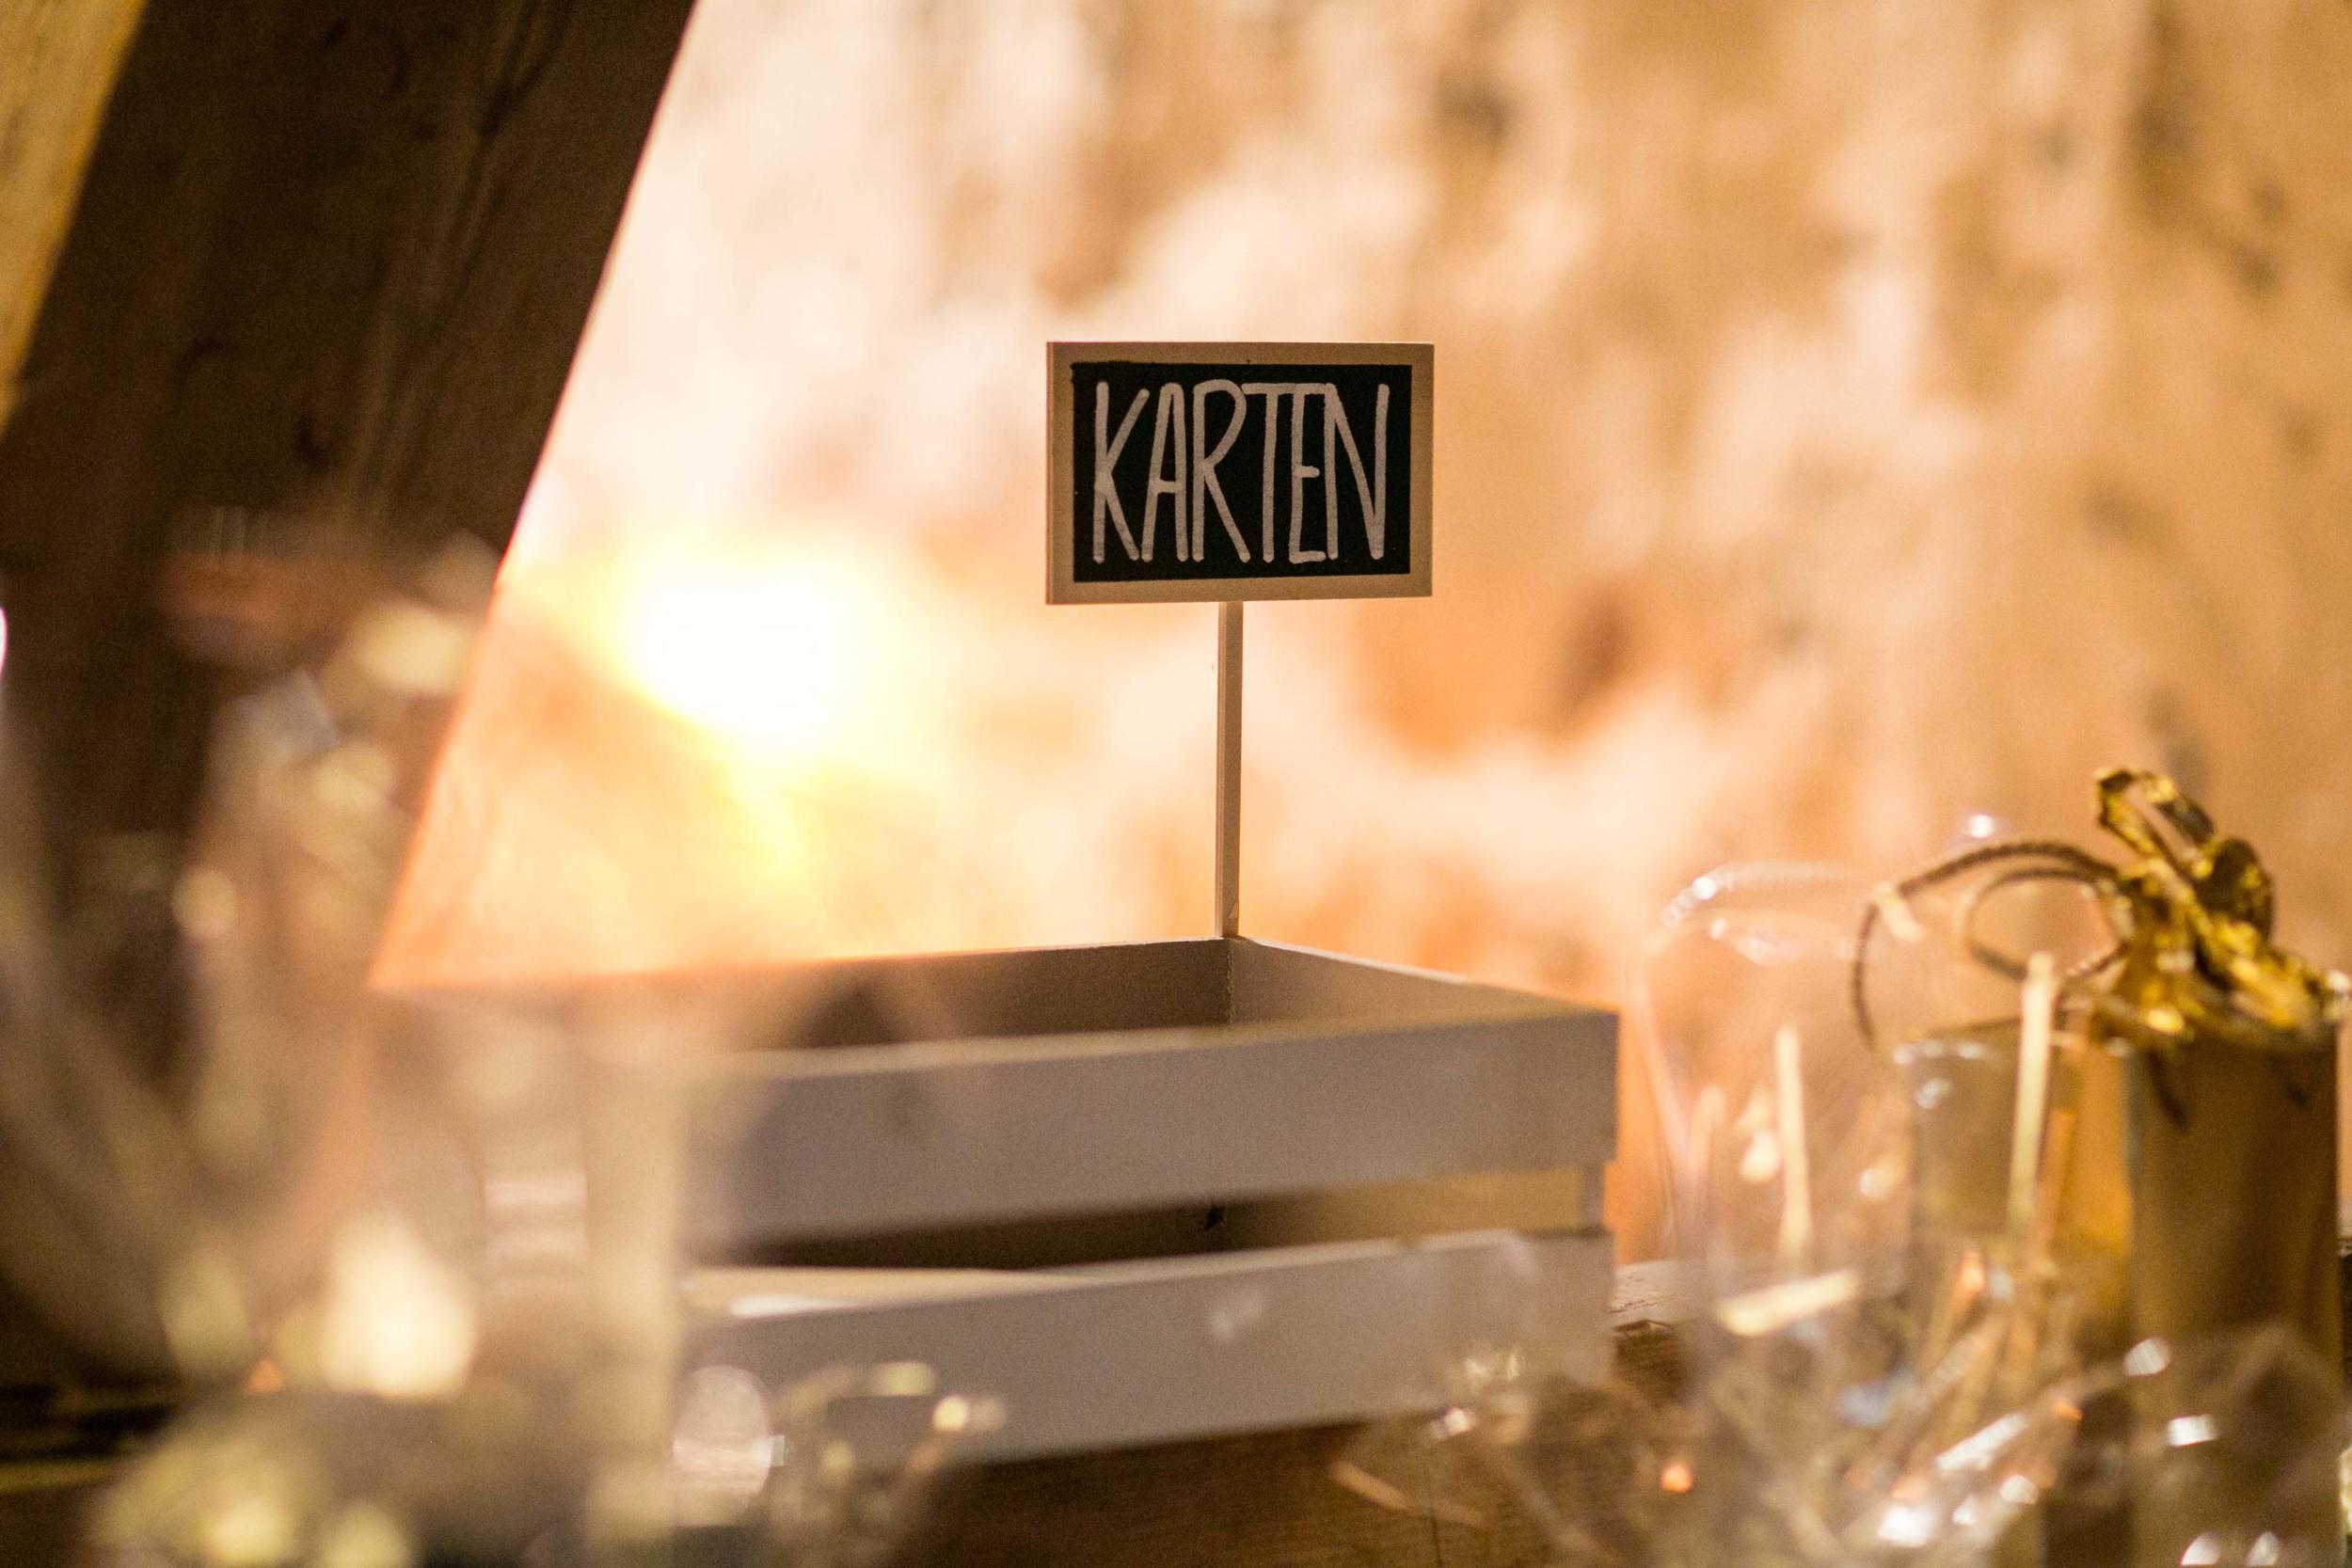 Berlin Hochzeitsfotografin Gartenglueck Wegendorf Hochzeitsreportage-104.jpg